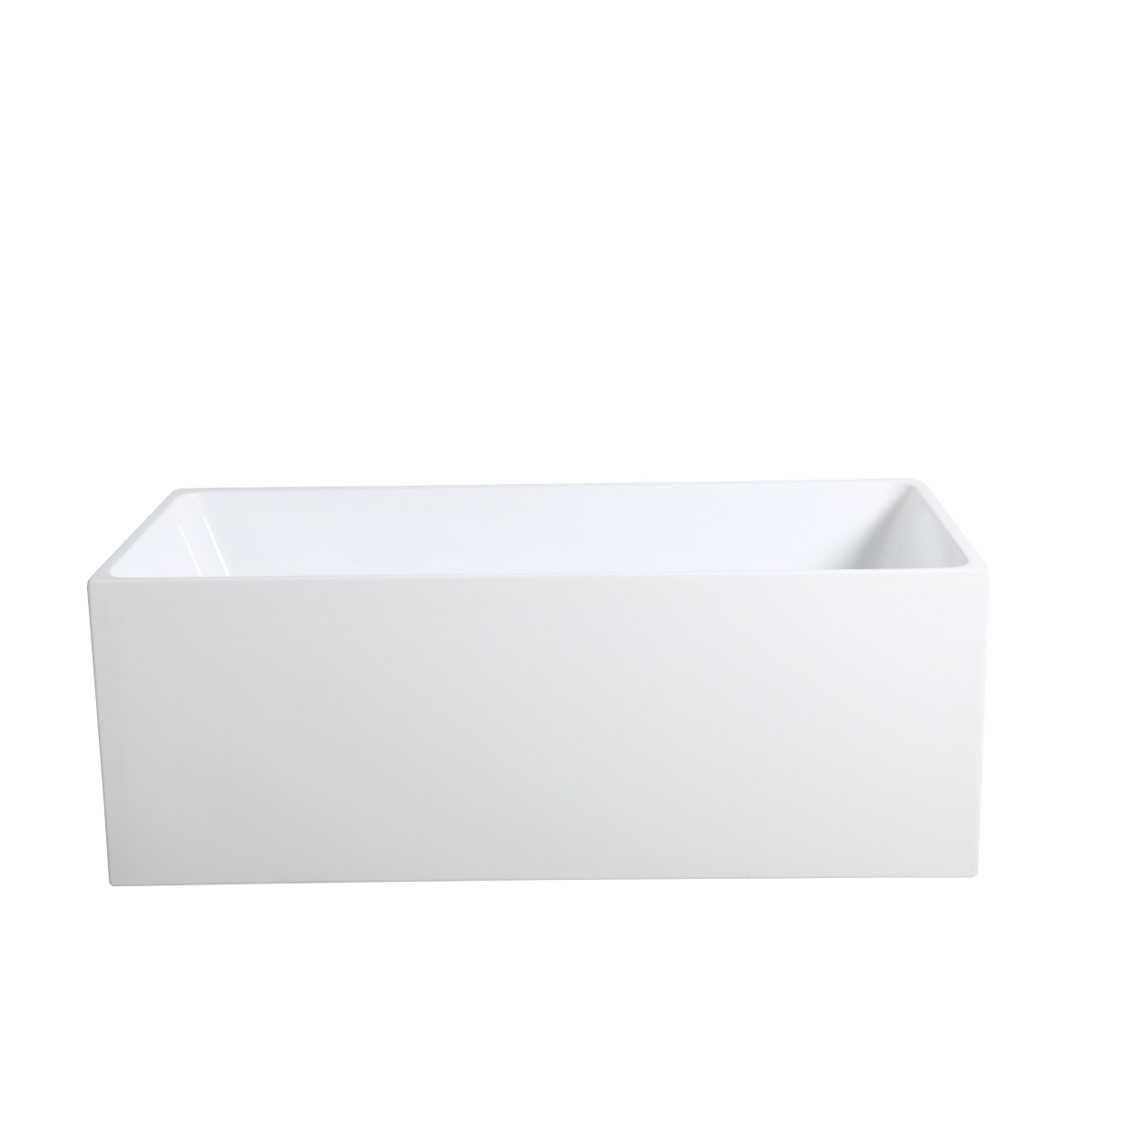 THEO 1500mm Multi Fit Bathtub